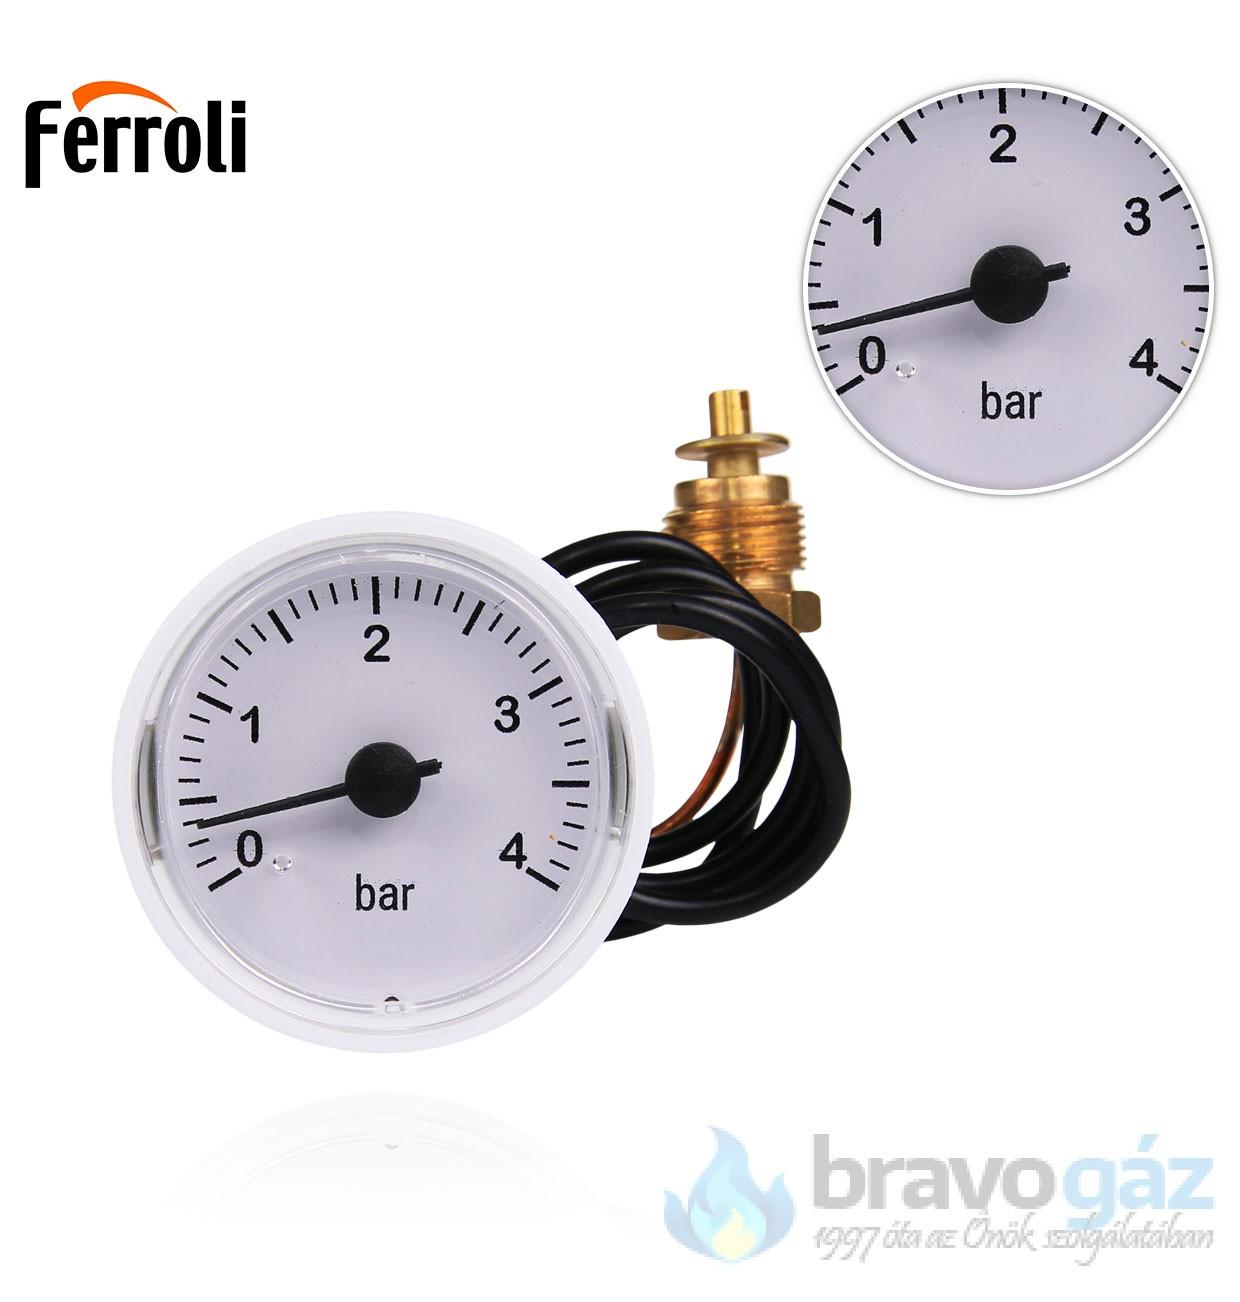 Ferroli nyomásmérő óra